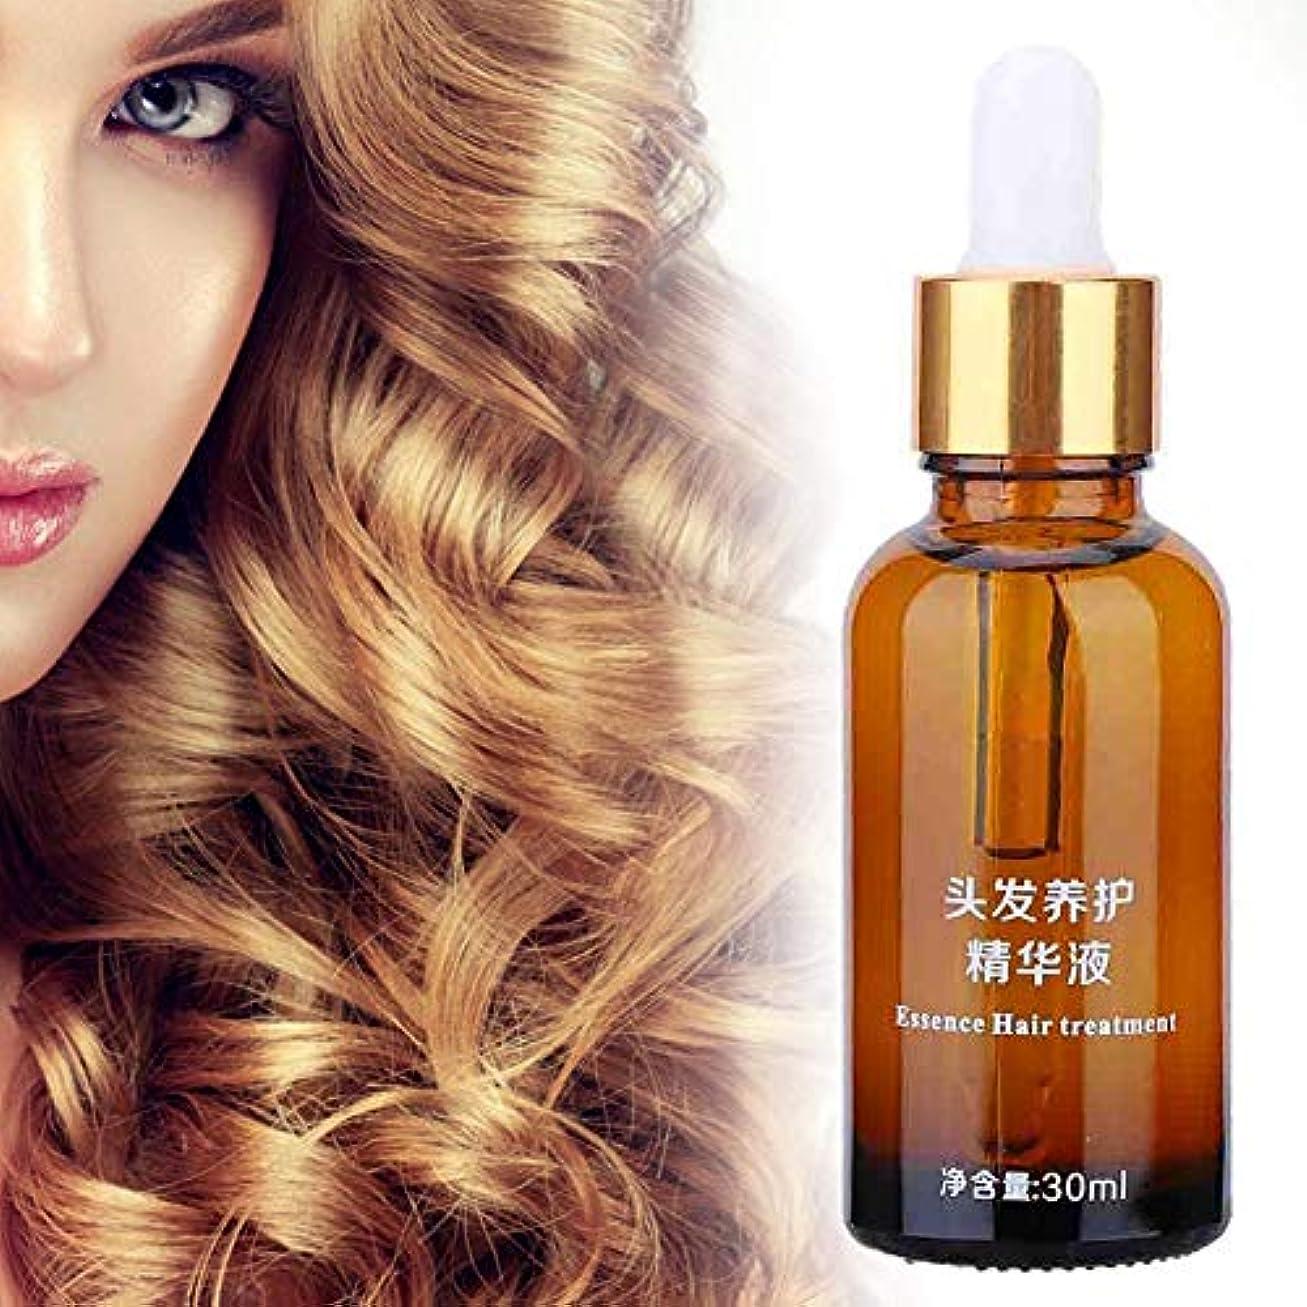 リベラル講義モーテルヘアエッセンシャルオイル、頭皮の養毛を強化する毛根の乾燥によるダメージを減らしますヘアリペアエッセンシャル液体30ミリリットル